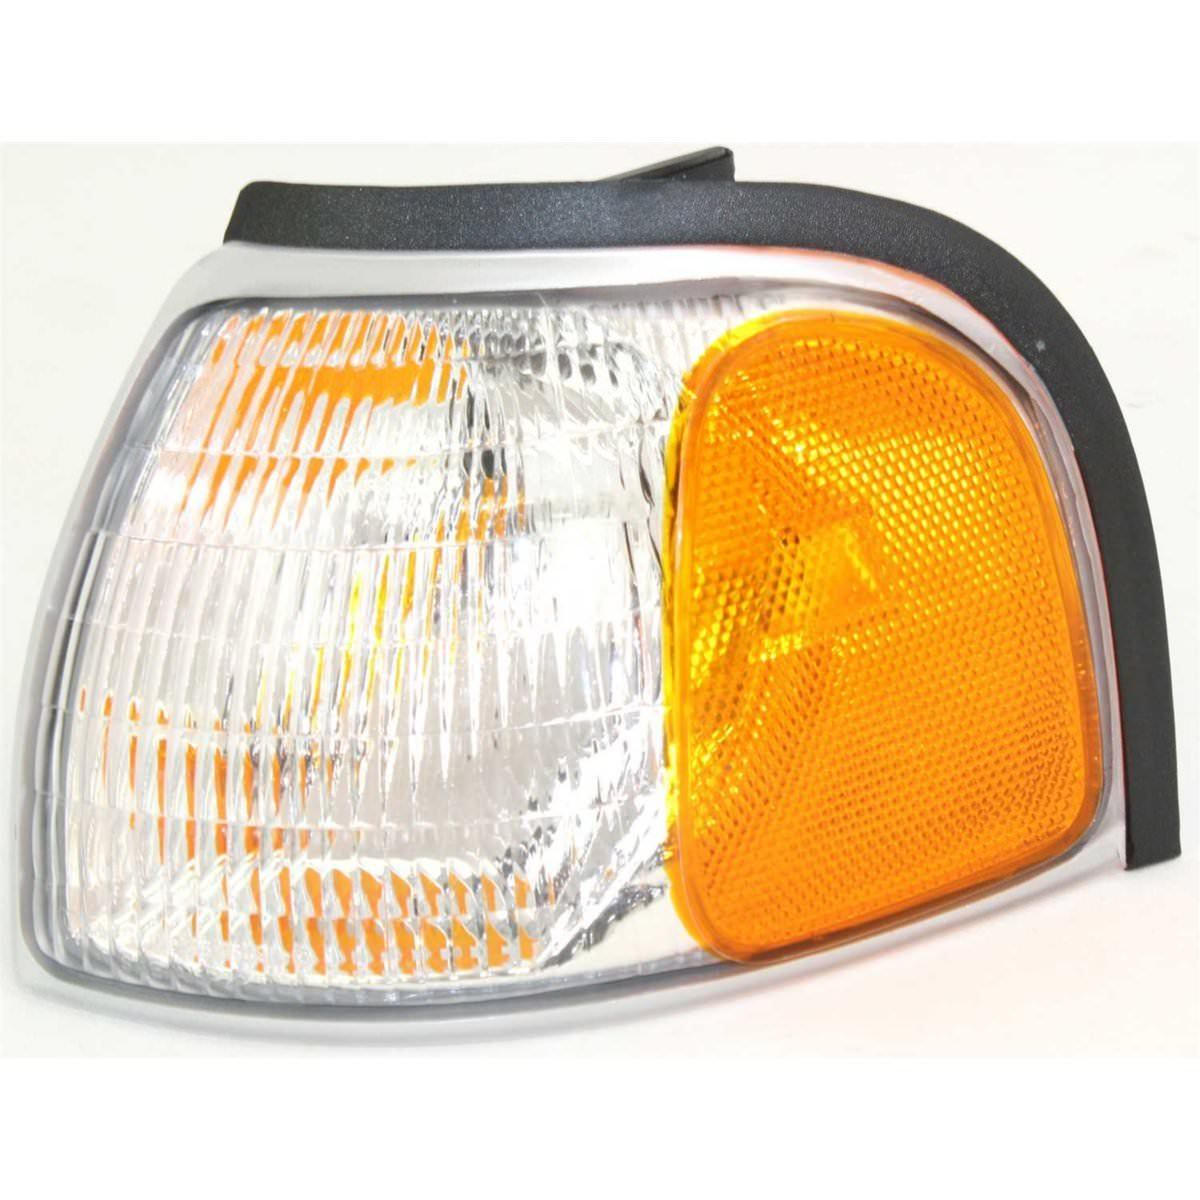 コーナーライト Corner Light For 98-2000 Mazda B2500 B3000 Driver Side Incandescent 98-2000マツダB2500 B3000ドライバーサイド白熱灯のコーナーライト